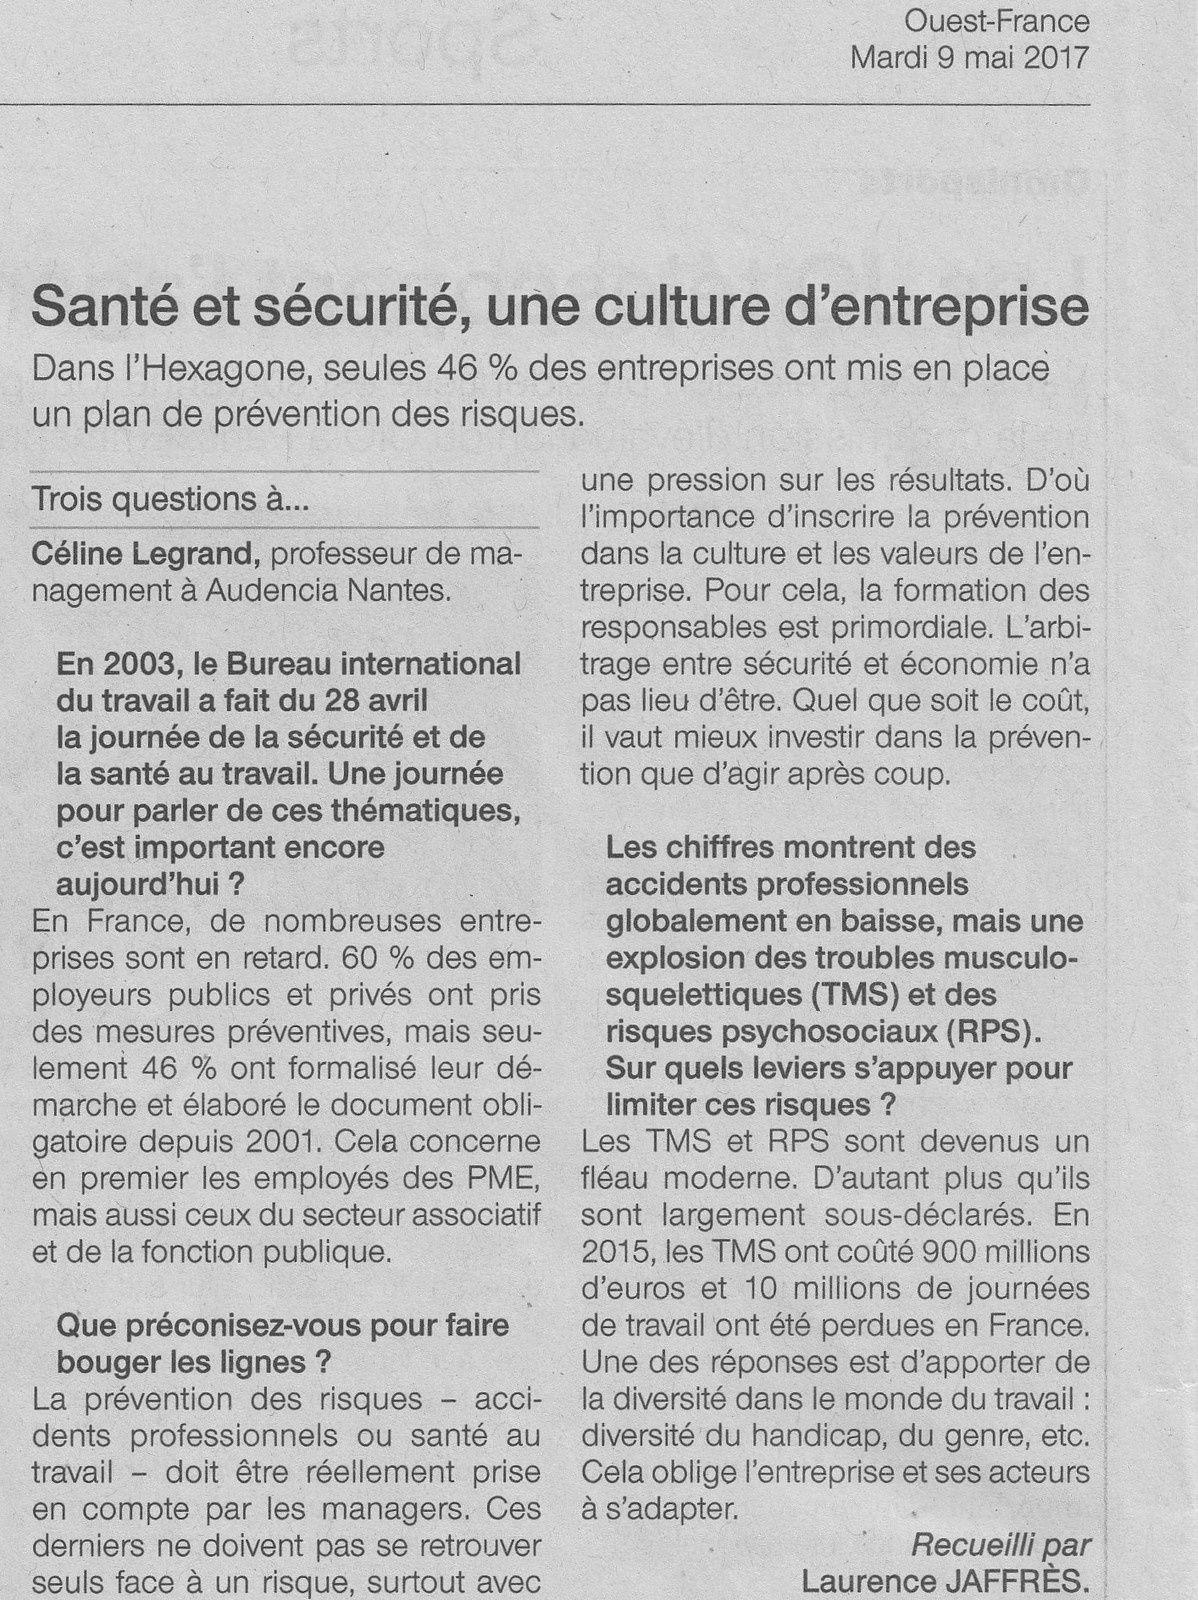 La prévention dans la presse régionale - Ouest France du 9 mai 2017